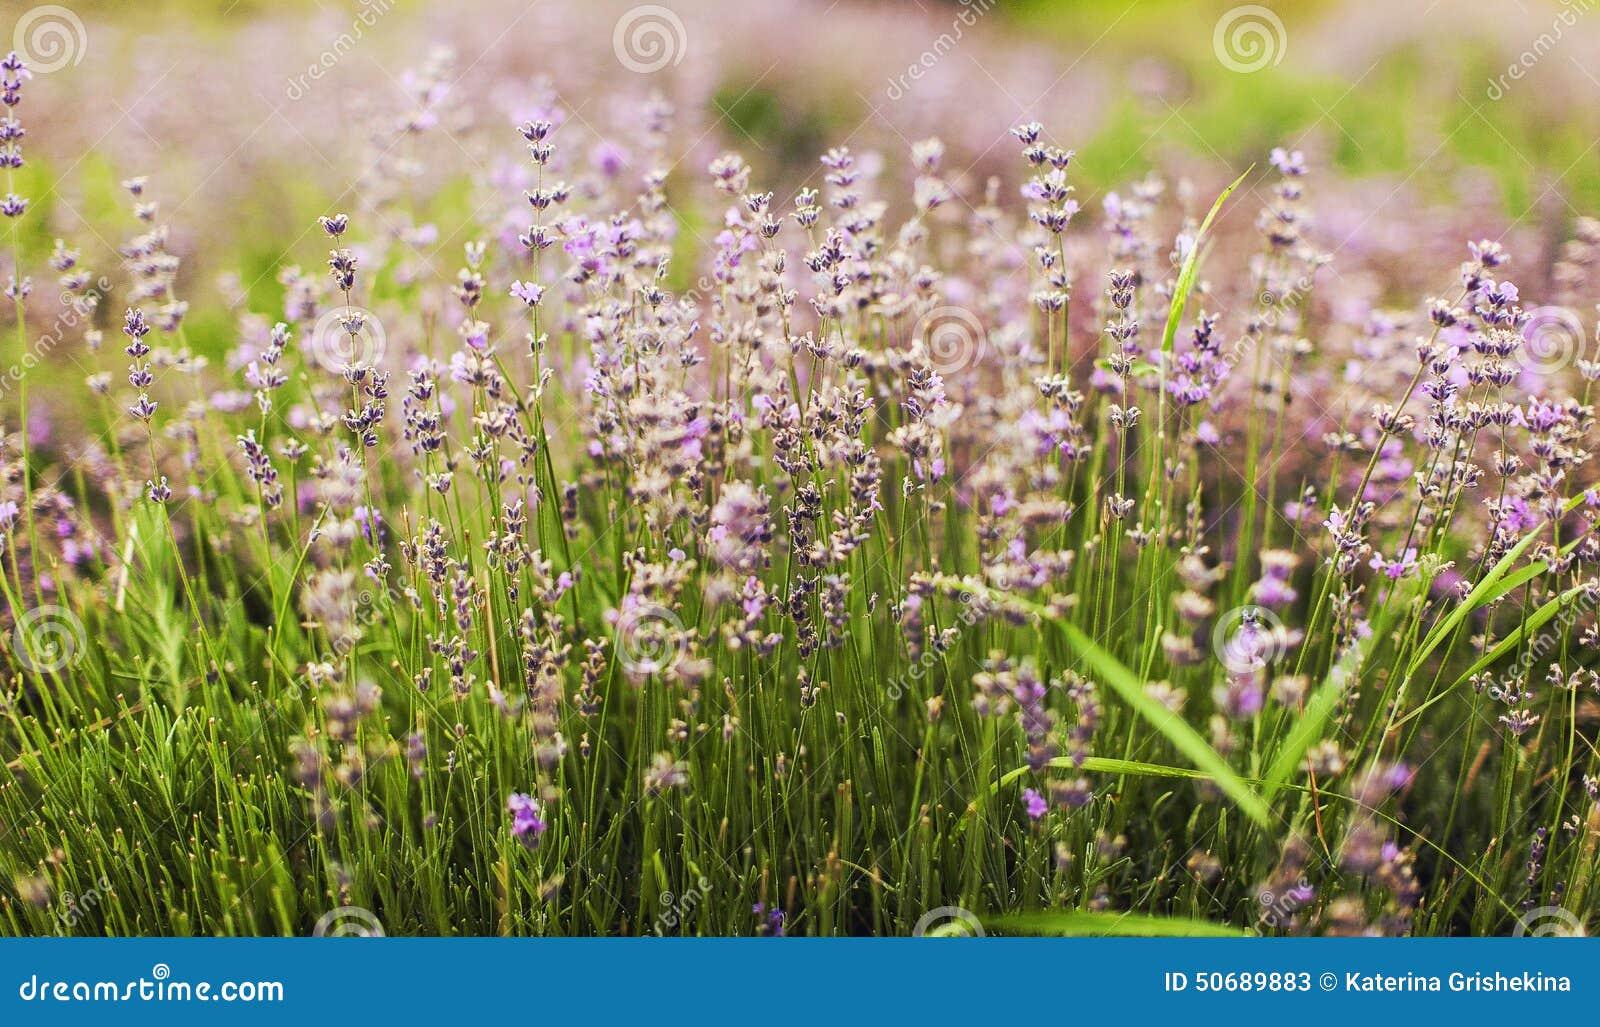 Download 淡紫色 库存图片. 图片 包括有 复制, 本质, 关闭, beautifuler, 花束, 重点, 工厂 - 50689883